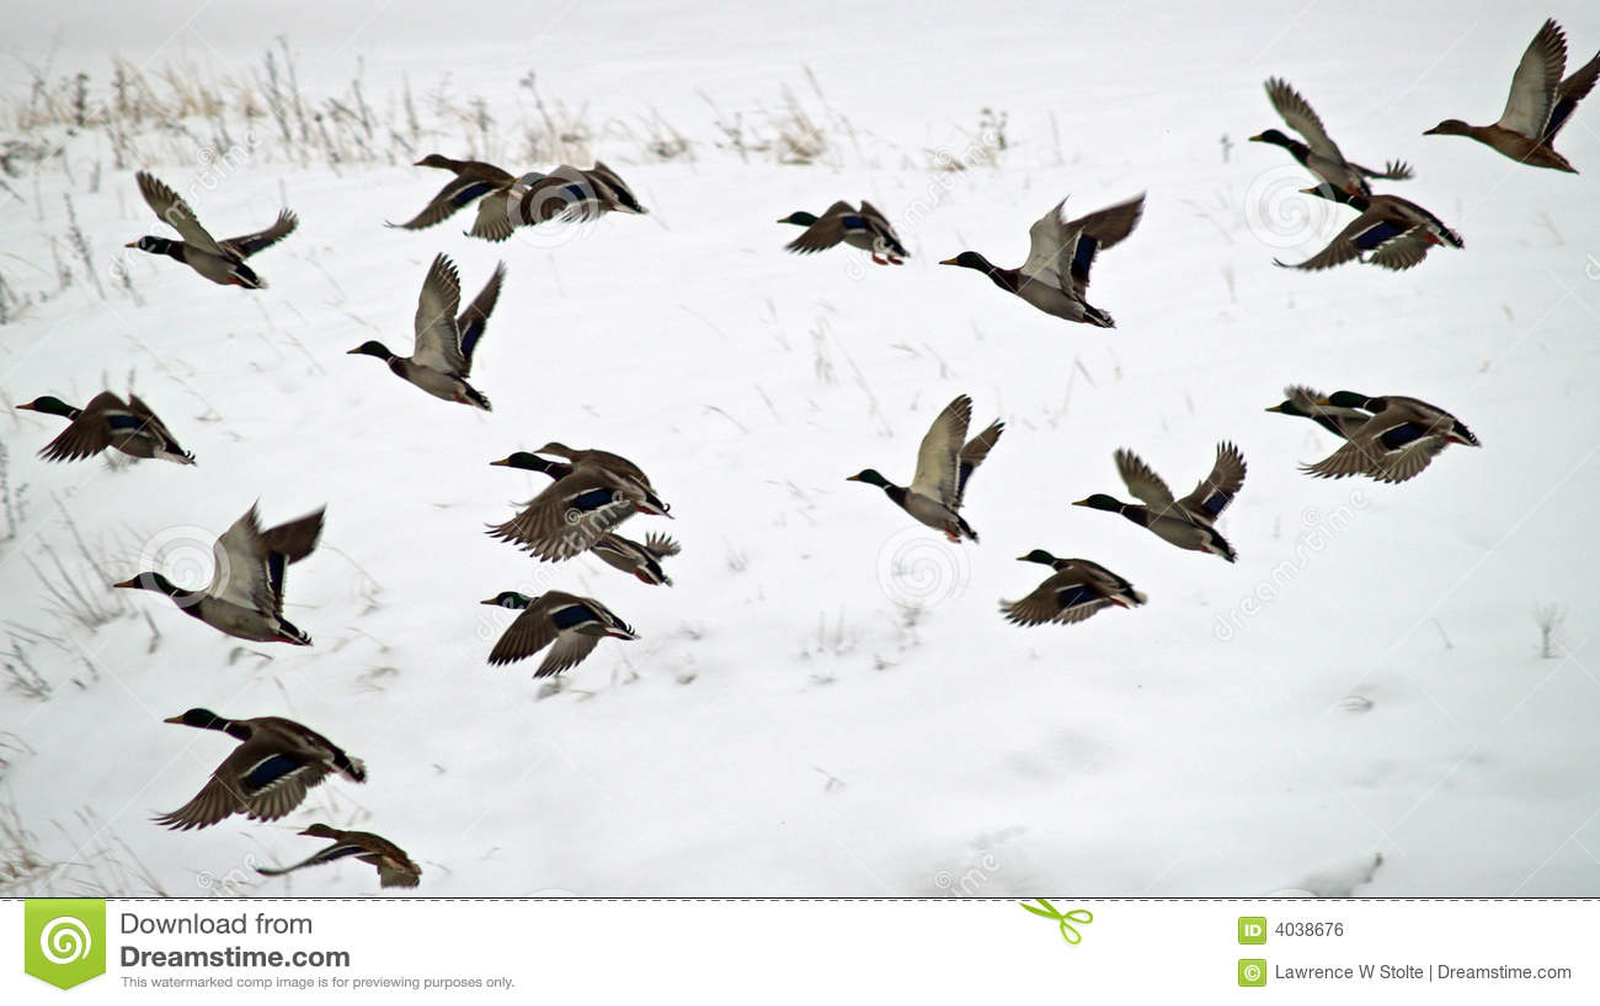 Canards en vol